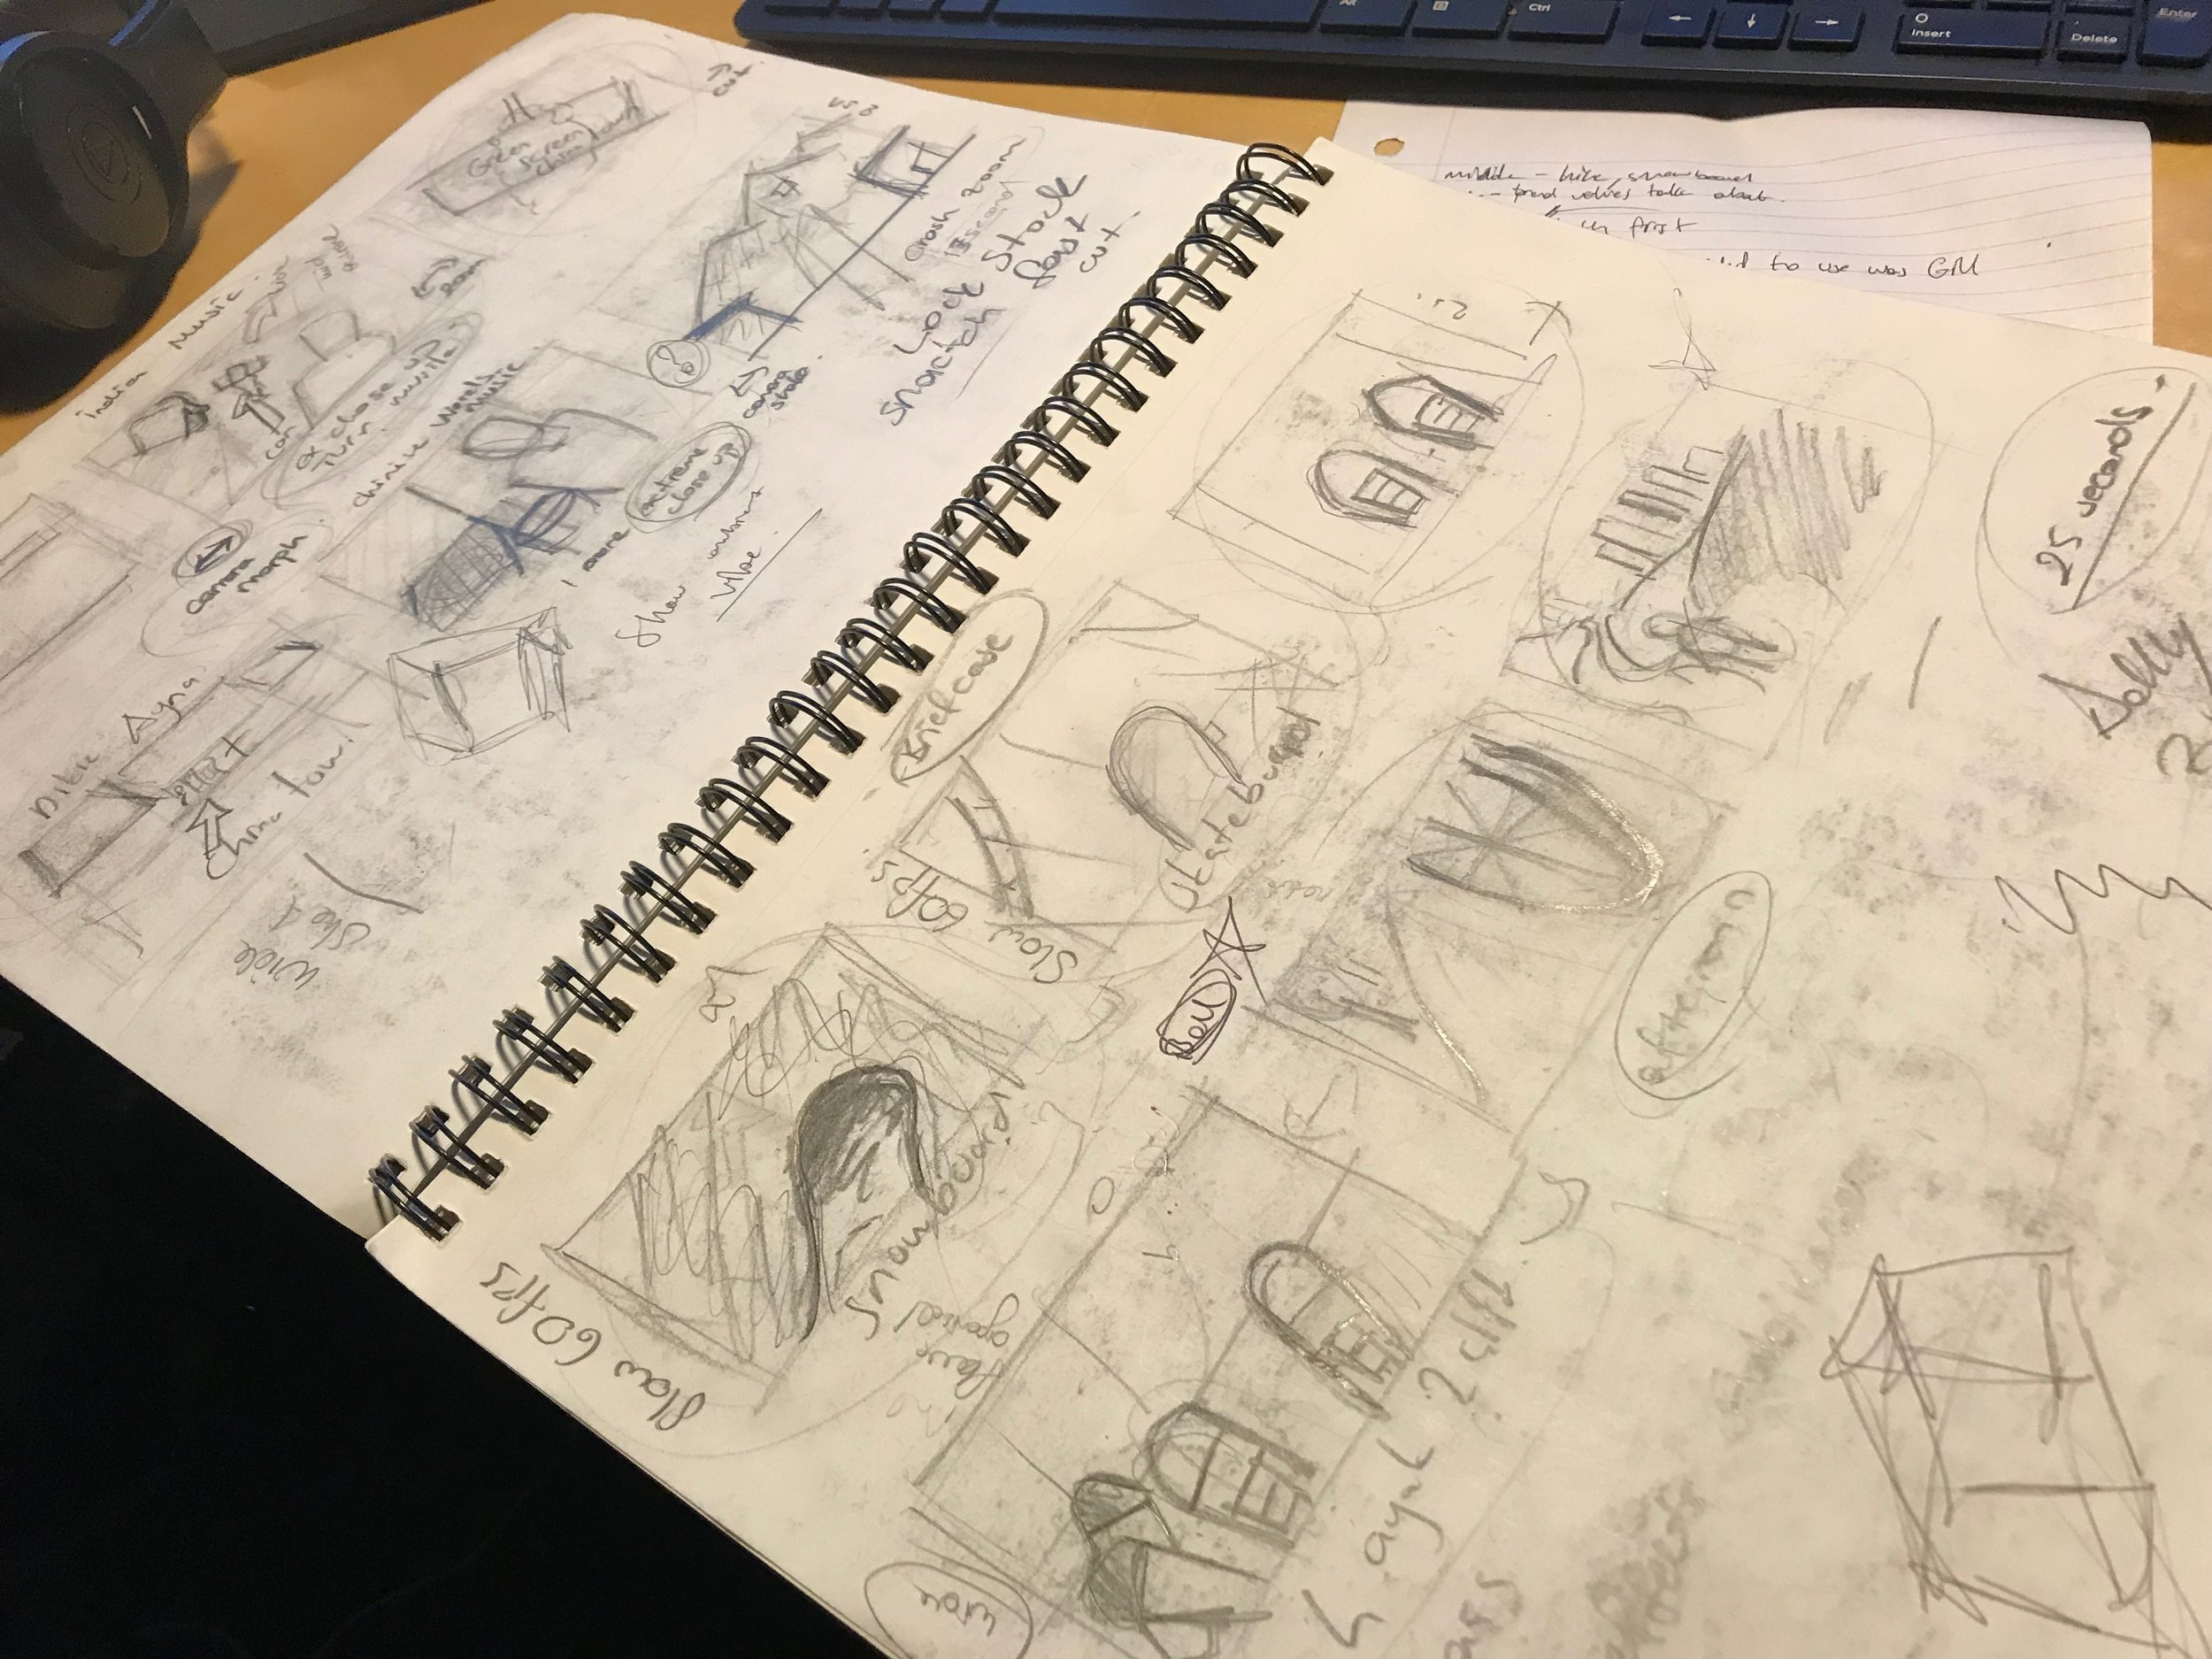 SketchBook Storyboarding Process